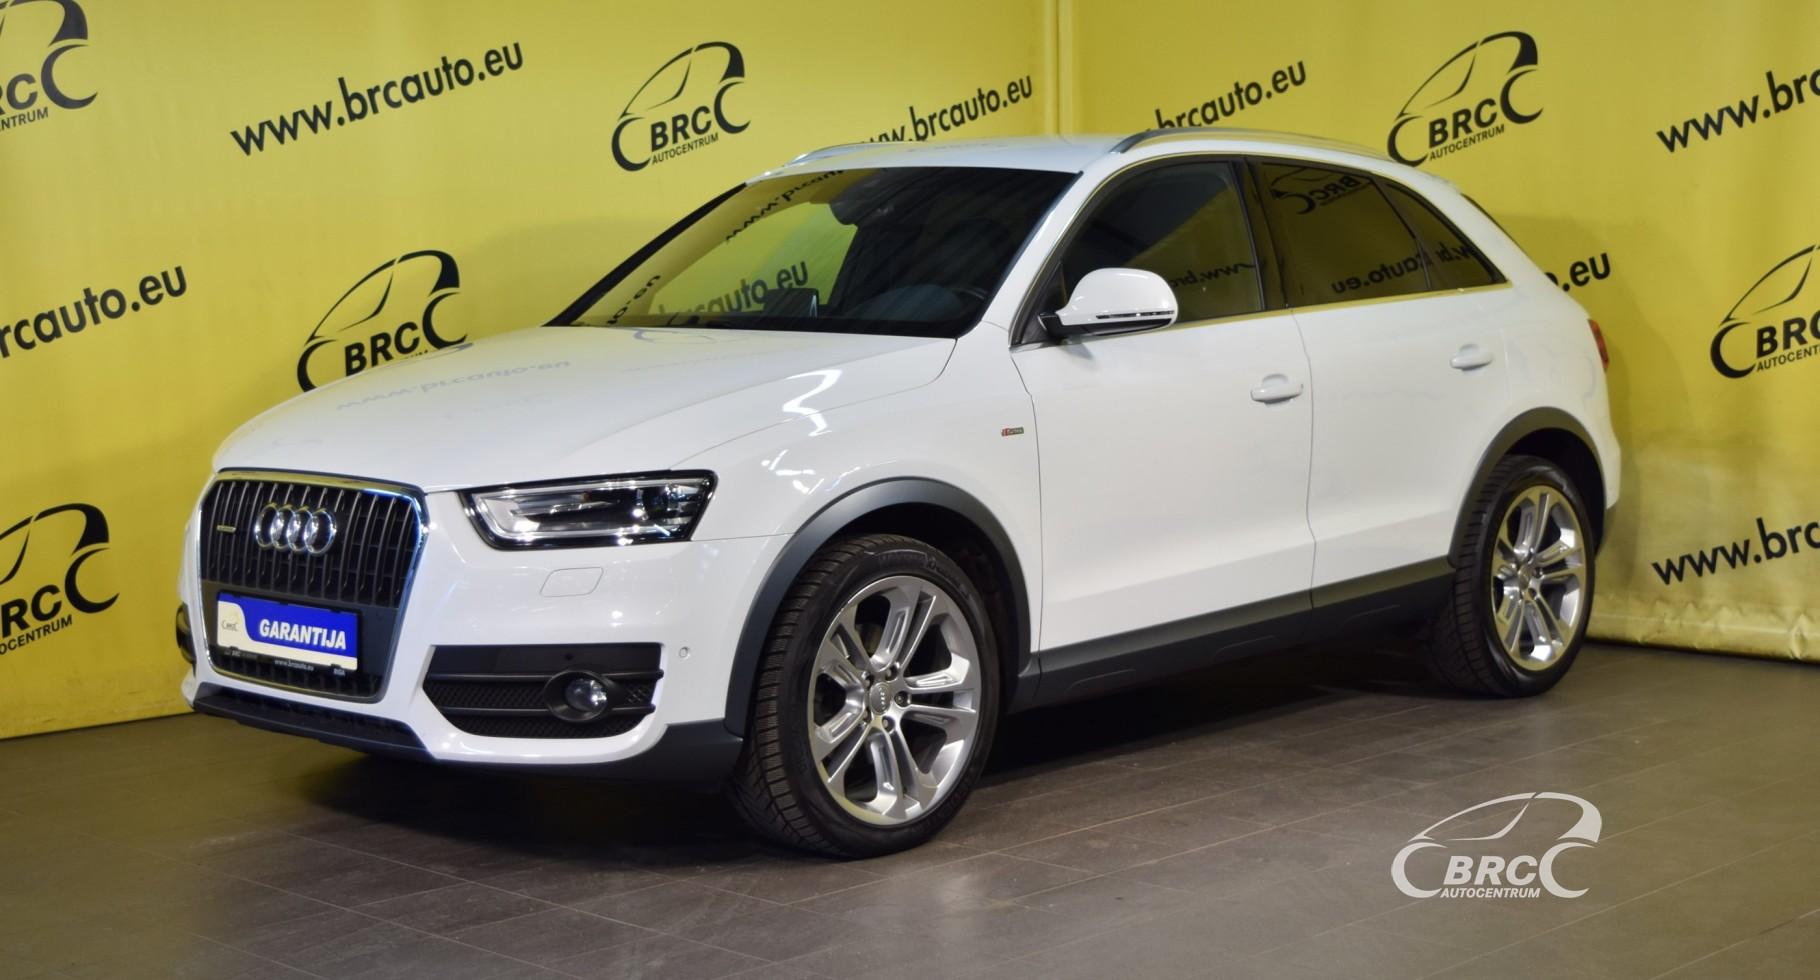 Audi Q3 S Line Quattro Id 805161 Brc Autocentrum